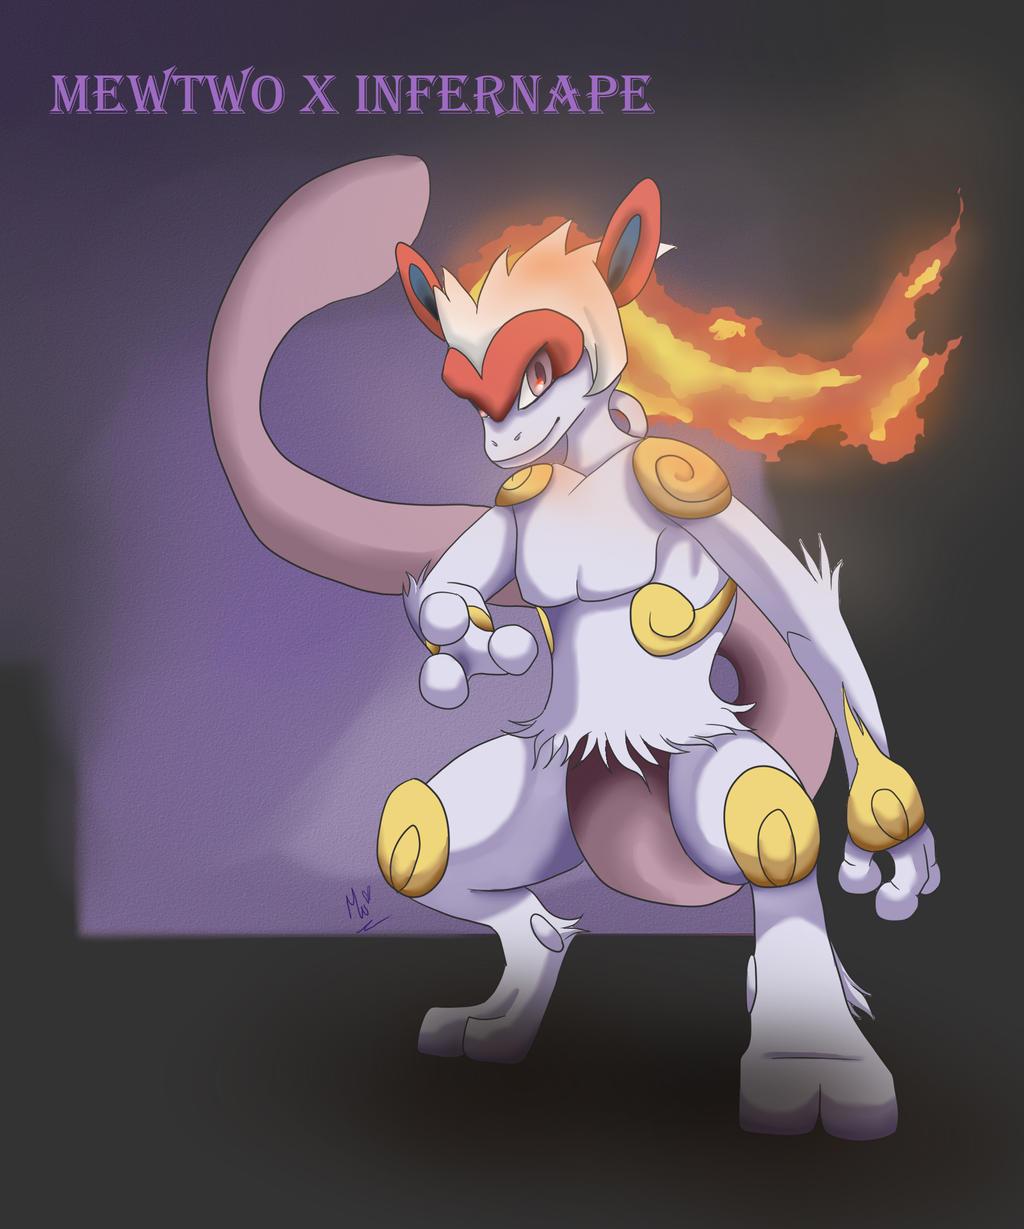 pokemon fusion mewtwo and - photo #17